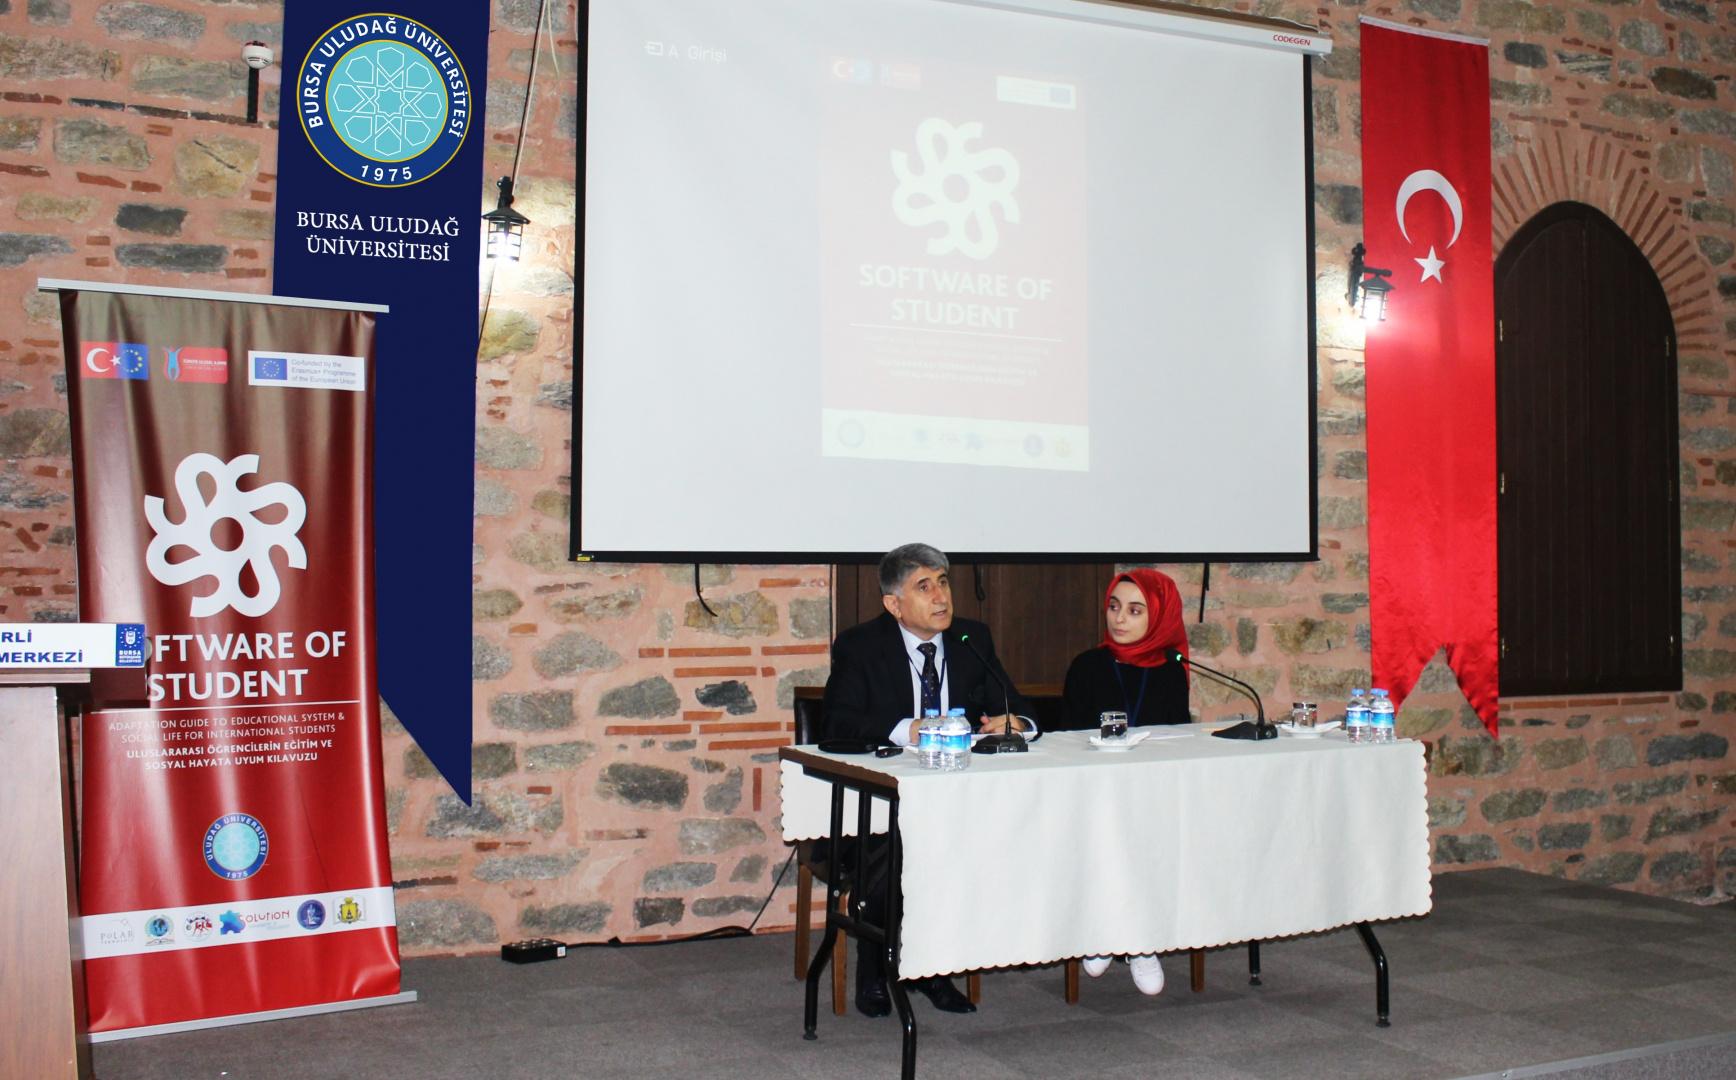 Uluslararası Öğrenciler İçin Eğitim Sistemine ve Sosyal Hayata Uyum Rehberi Projesinin İlk Toplantısı Yapıldı